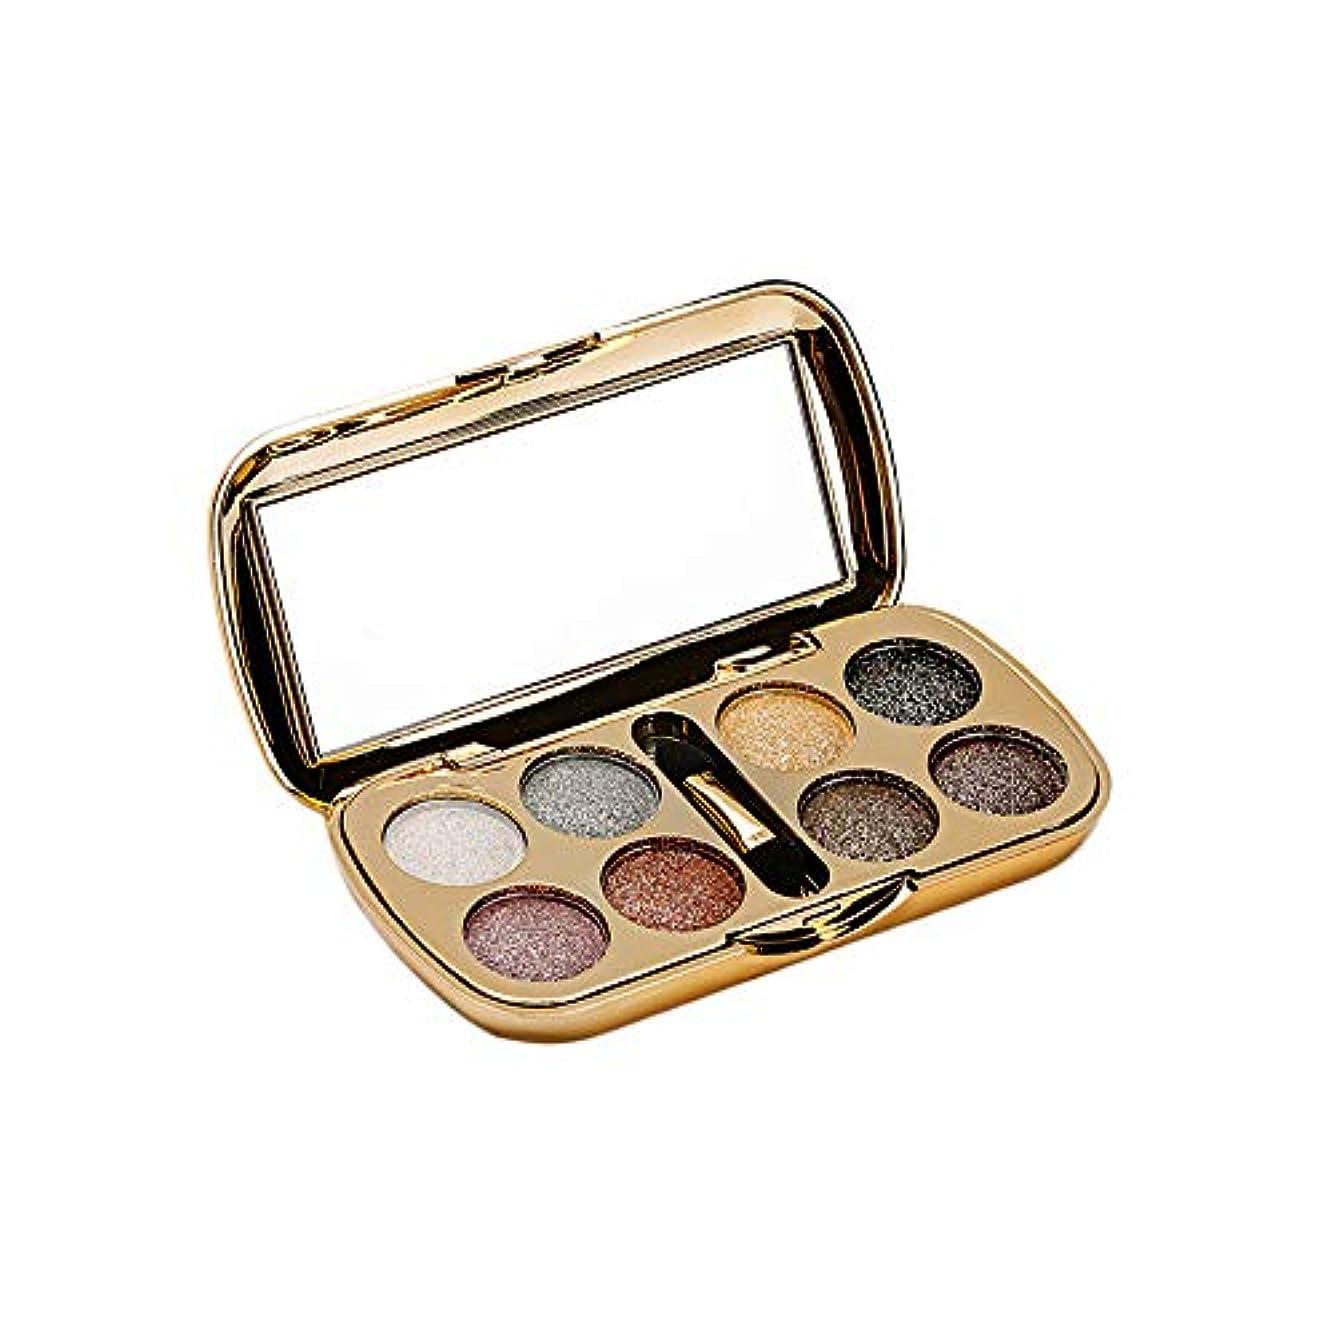 アジア確実辛いAkane アイシャドウパレット Lameila 綺麗 魅力的 ファッション 人気 気質的 キラキラ ダイヤモンド チャーム 防水 長持ち おしゃれ 持ち便利 Eye Shadow (8色) 3551